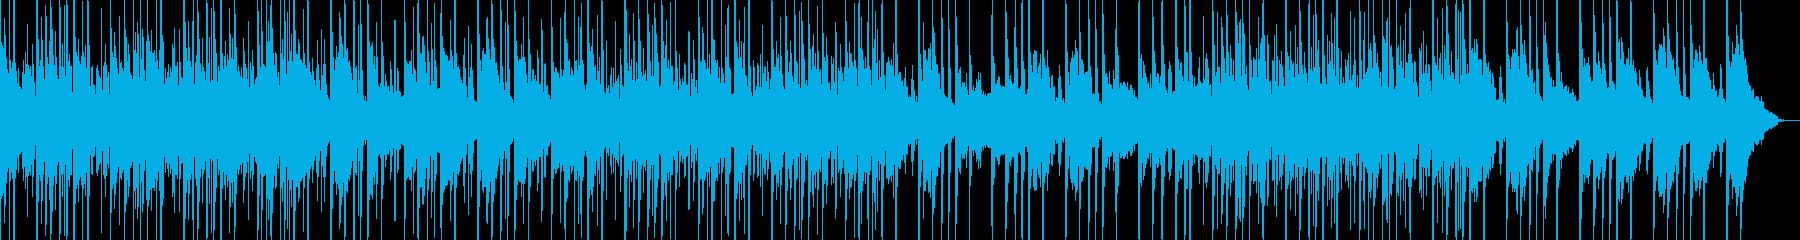 ゆったりとしたR&B風のloopの再生済みの波形